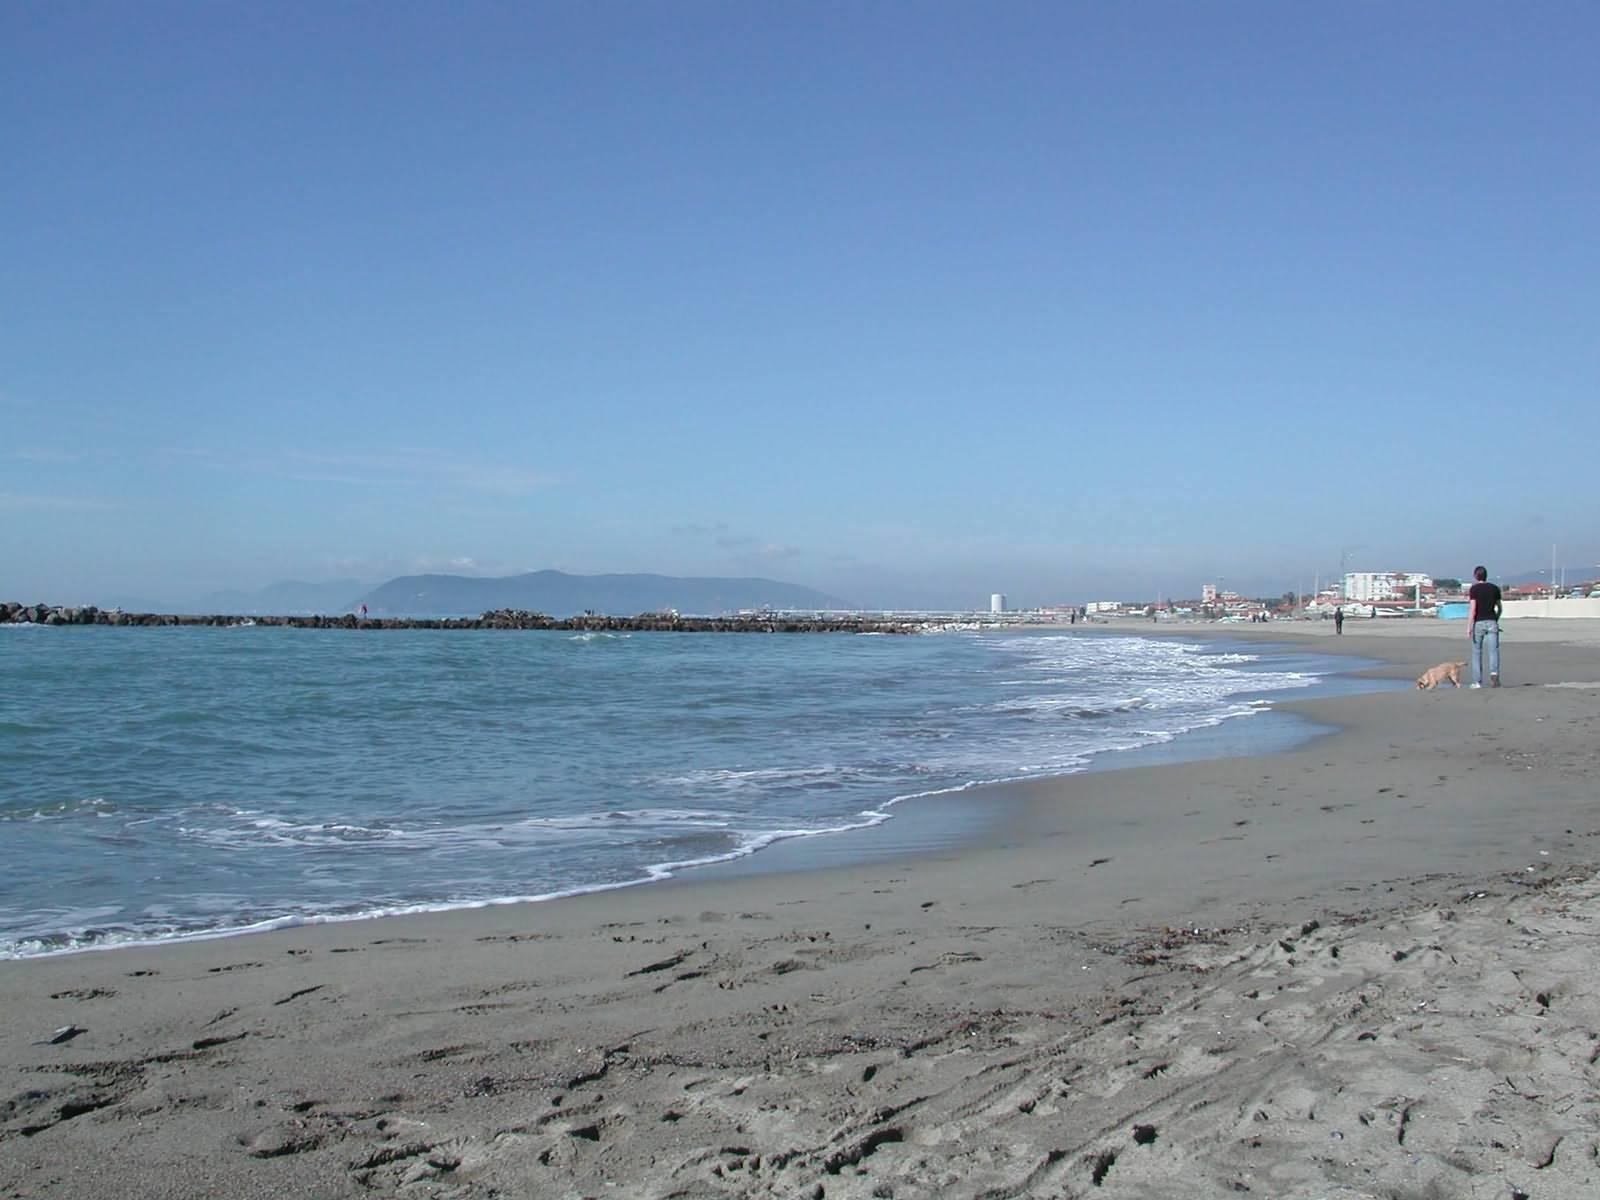 Matrimonio Spiaggia Marina Di Massa : Spiaggia di marina massa trovaspiagge portale